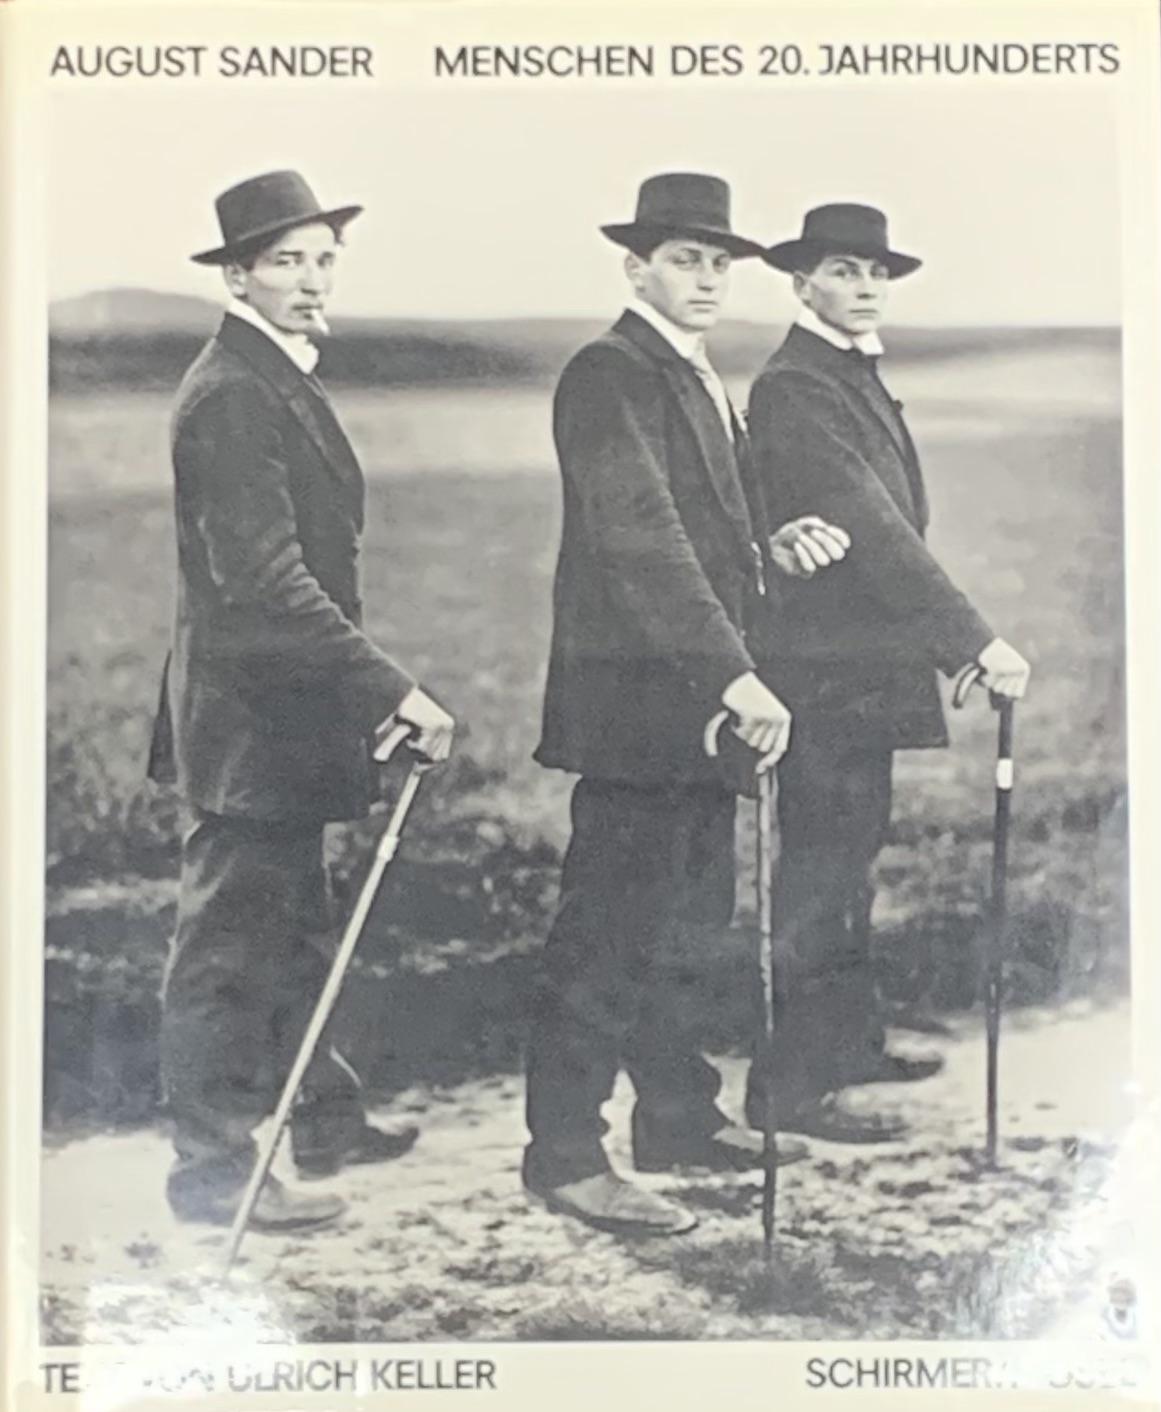 【古本】アウグスト・ザンダー写真集: AUGUST SANDER: MENSCHEN DES 20. JAHRHUNDERTS: PORTRAITPHOTOGRAPHIEN VON 1892-1952